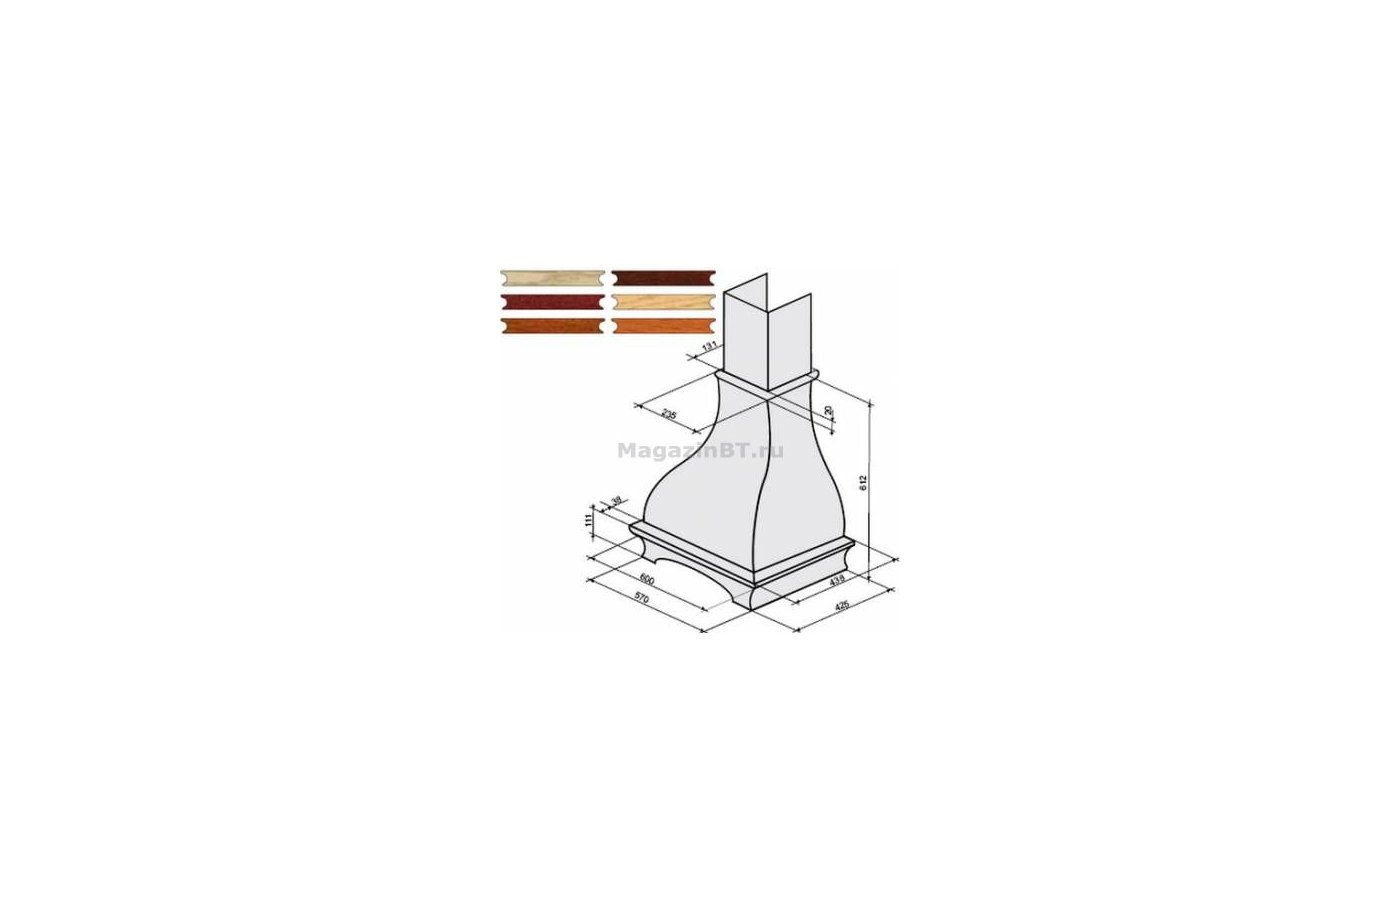 Аксессуар для в/о KRONA комплект багетов в упаковке для Gretta 600 CPB/3 (тем.орех)